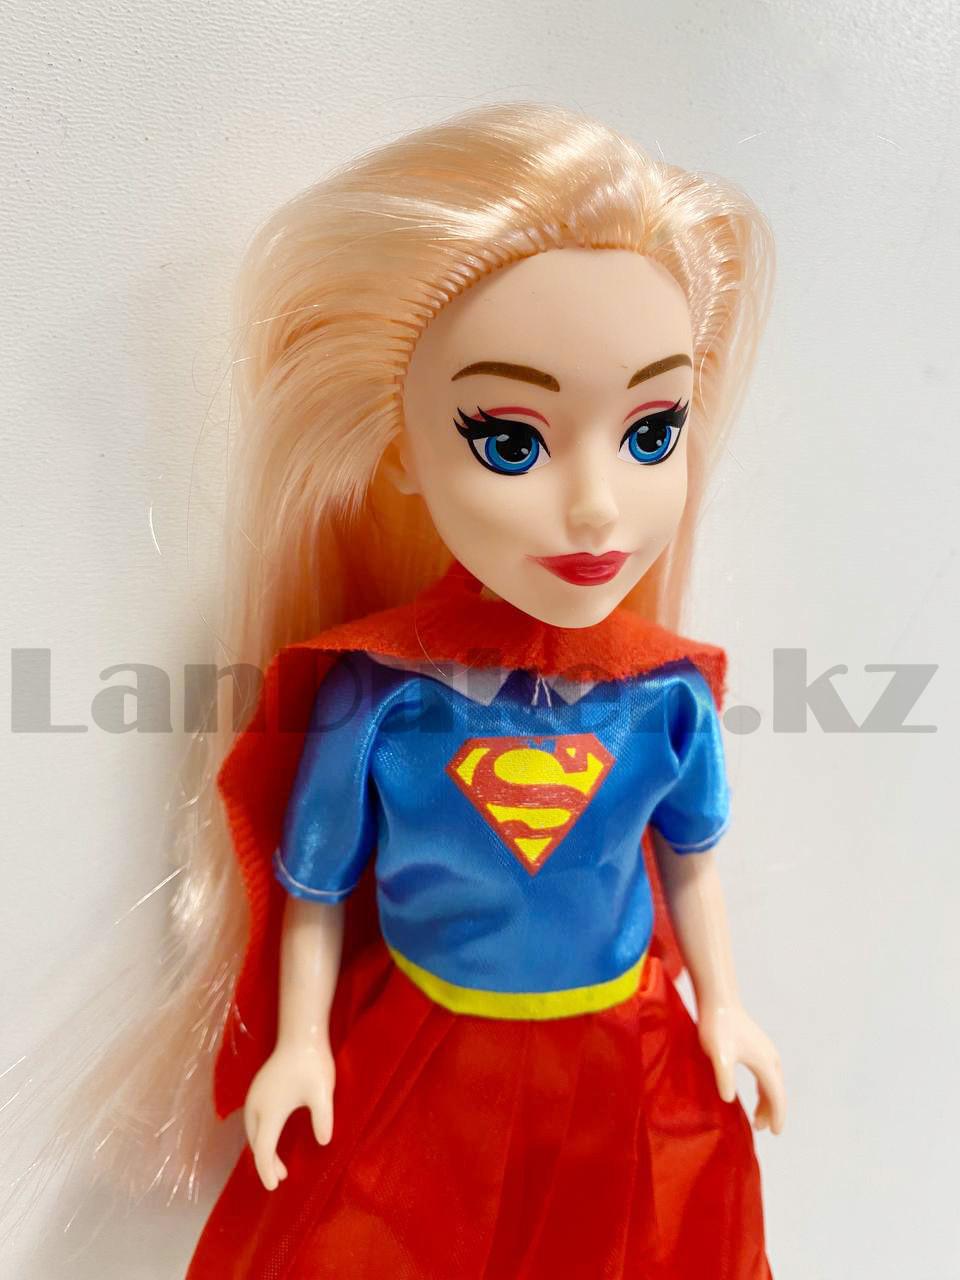 Кукла игрушечная детская Супер герл Super girl в костюмчике 24 см - фото 4